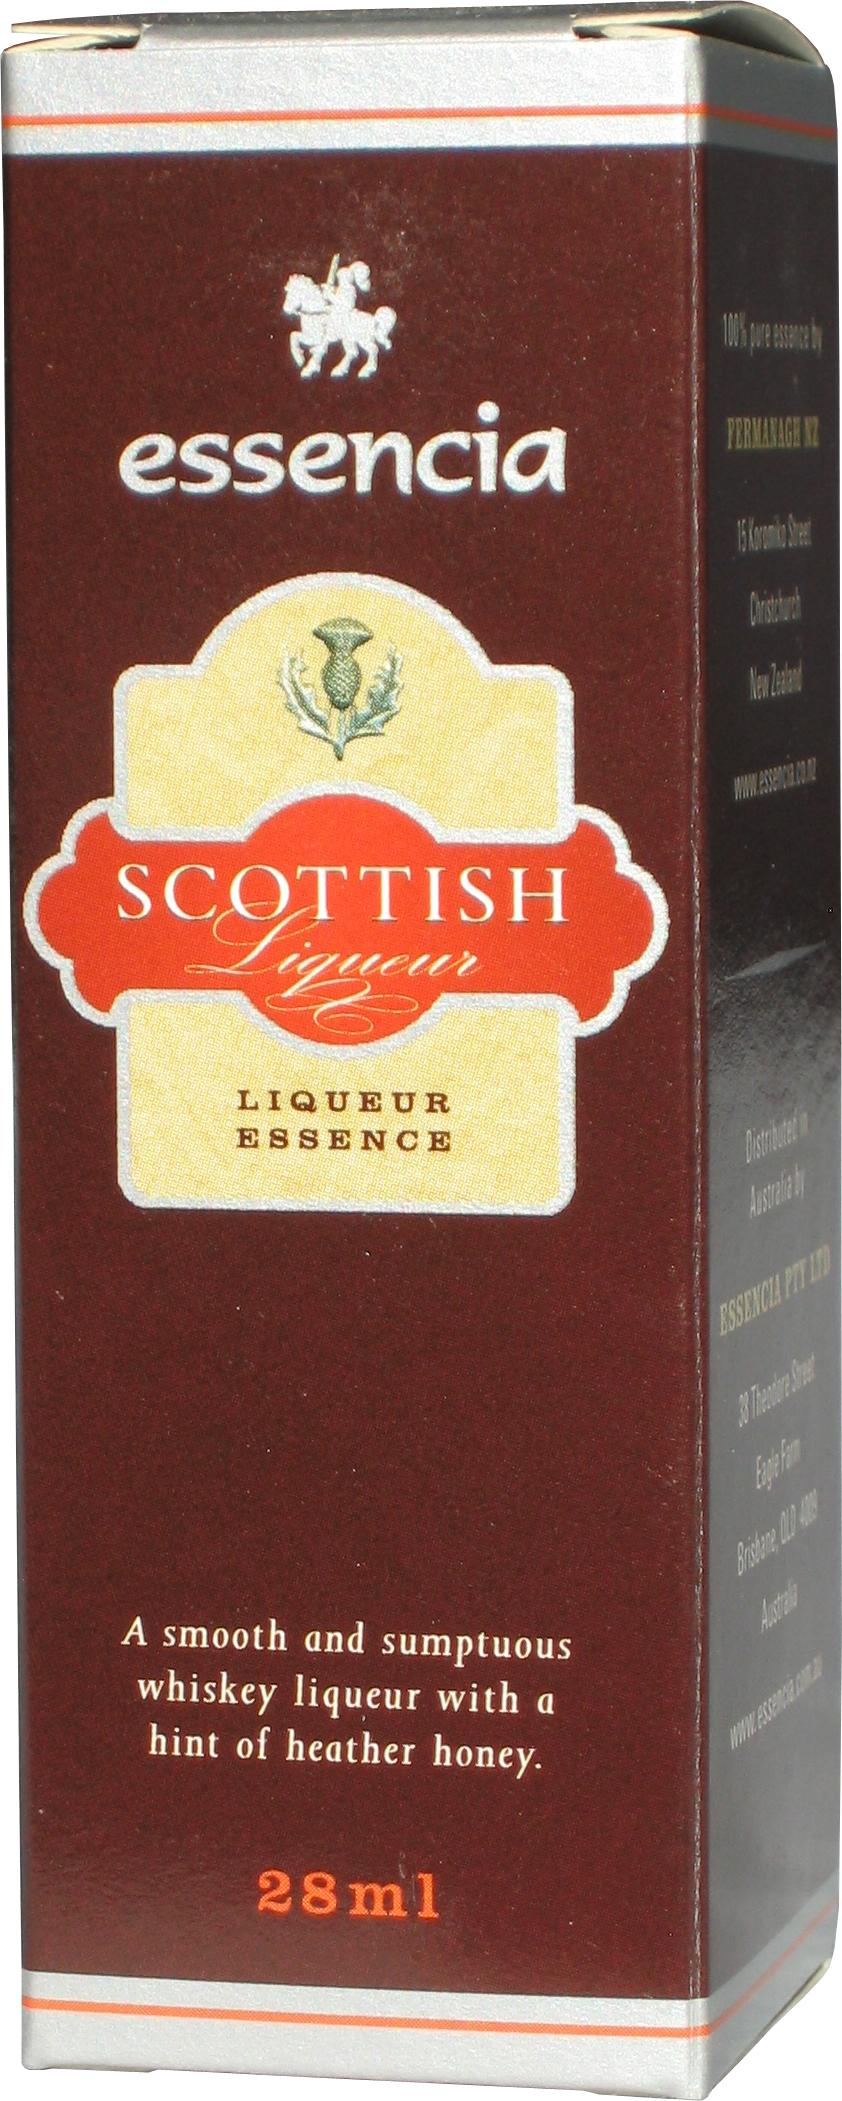 Essencia Scottish Liqueur